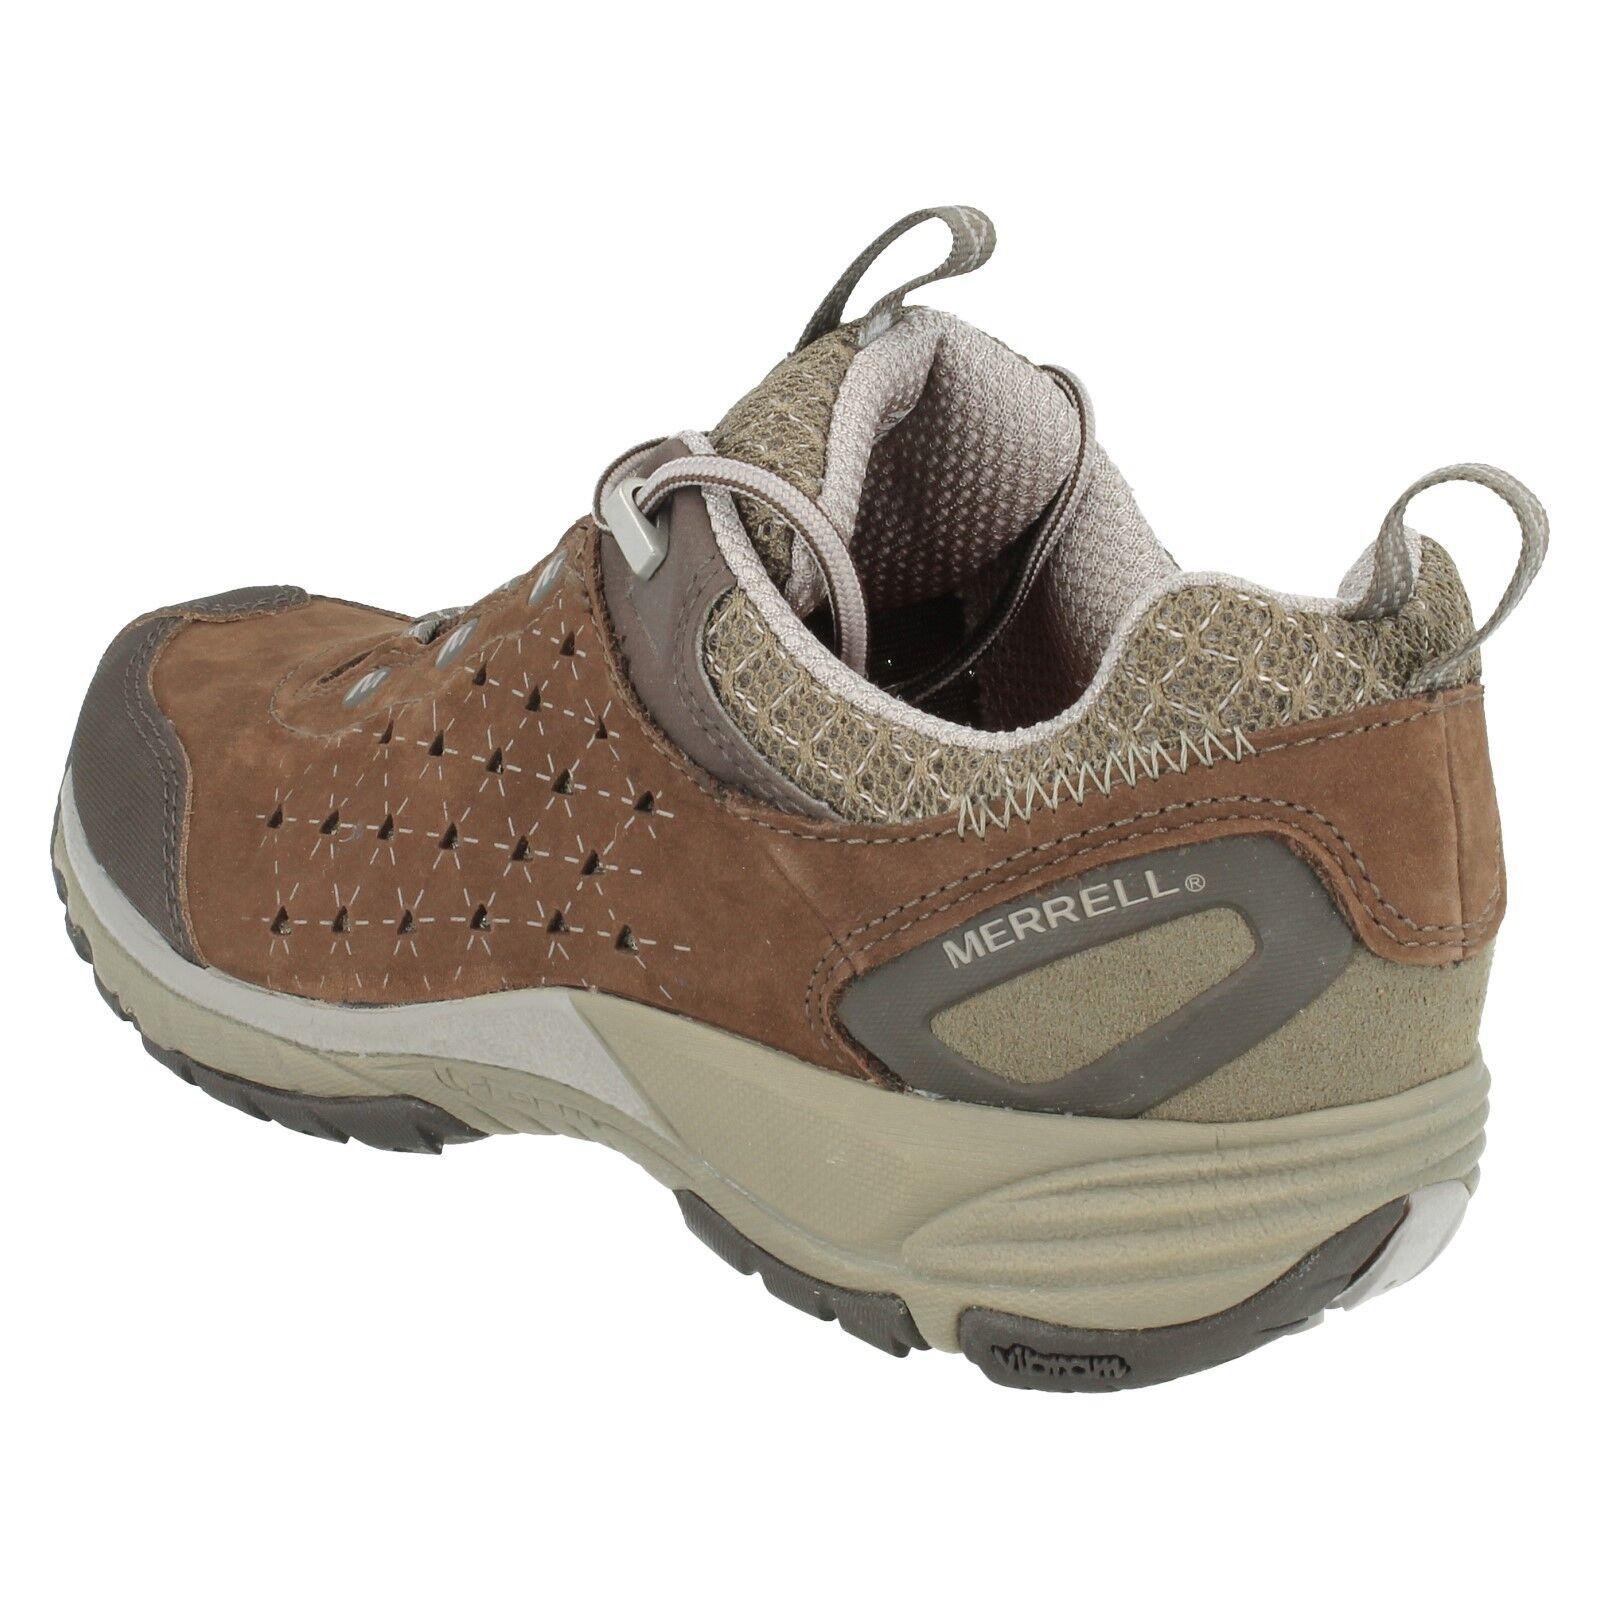 J16708/700 Leder Merrell Damen Avian hell Leder J16708/700 Wanderschuhe Schuhe f84cf2